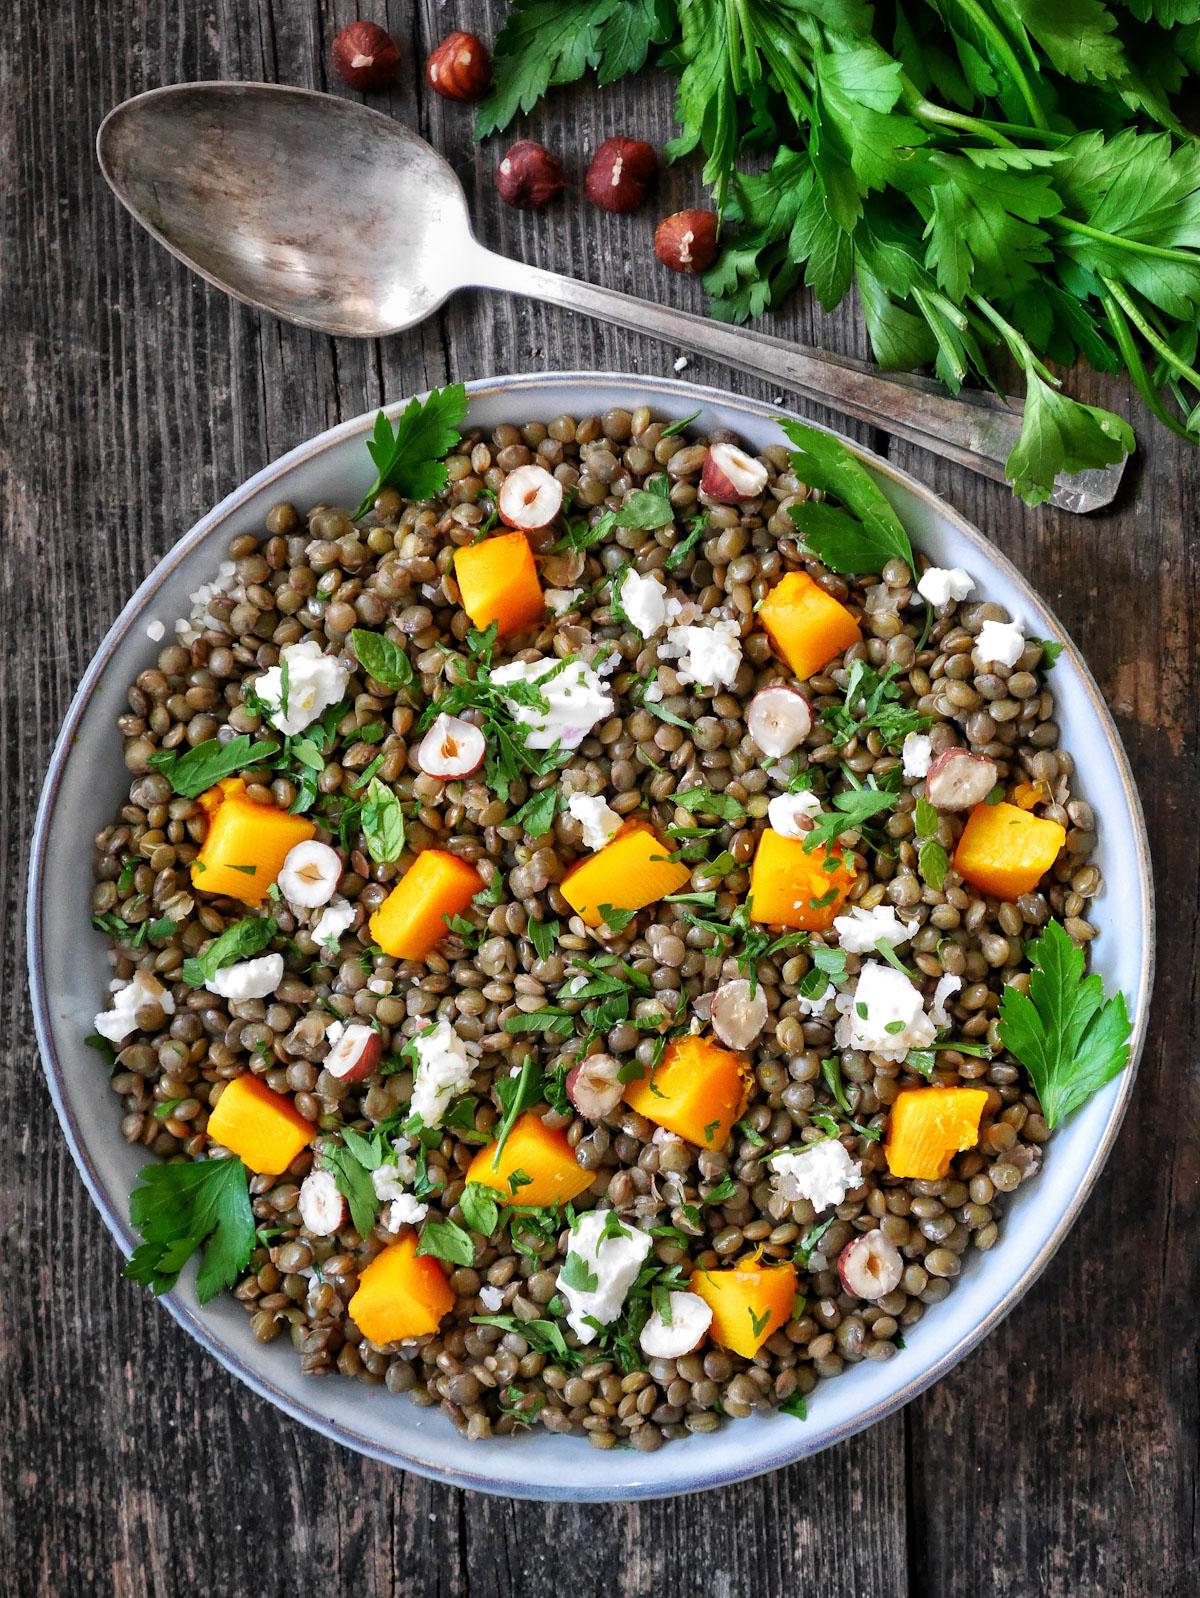 une salade de lentilles, potimarron et féta